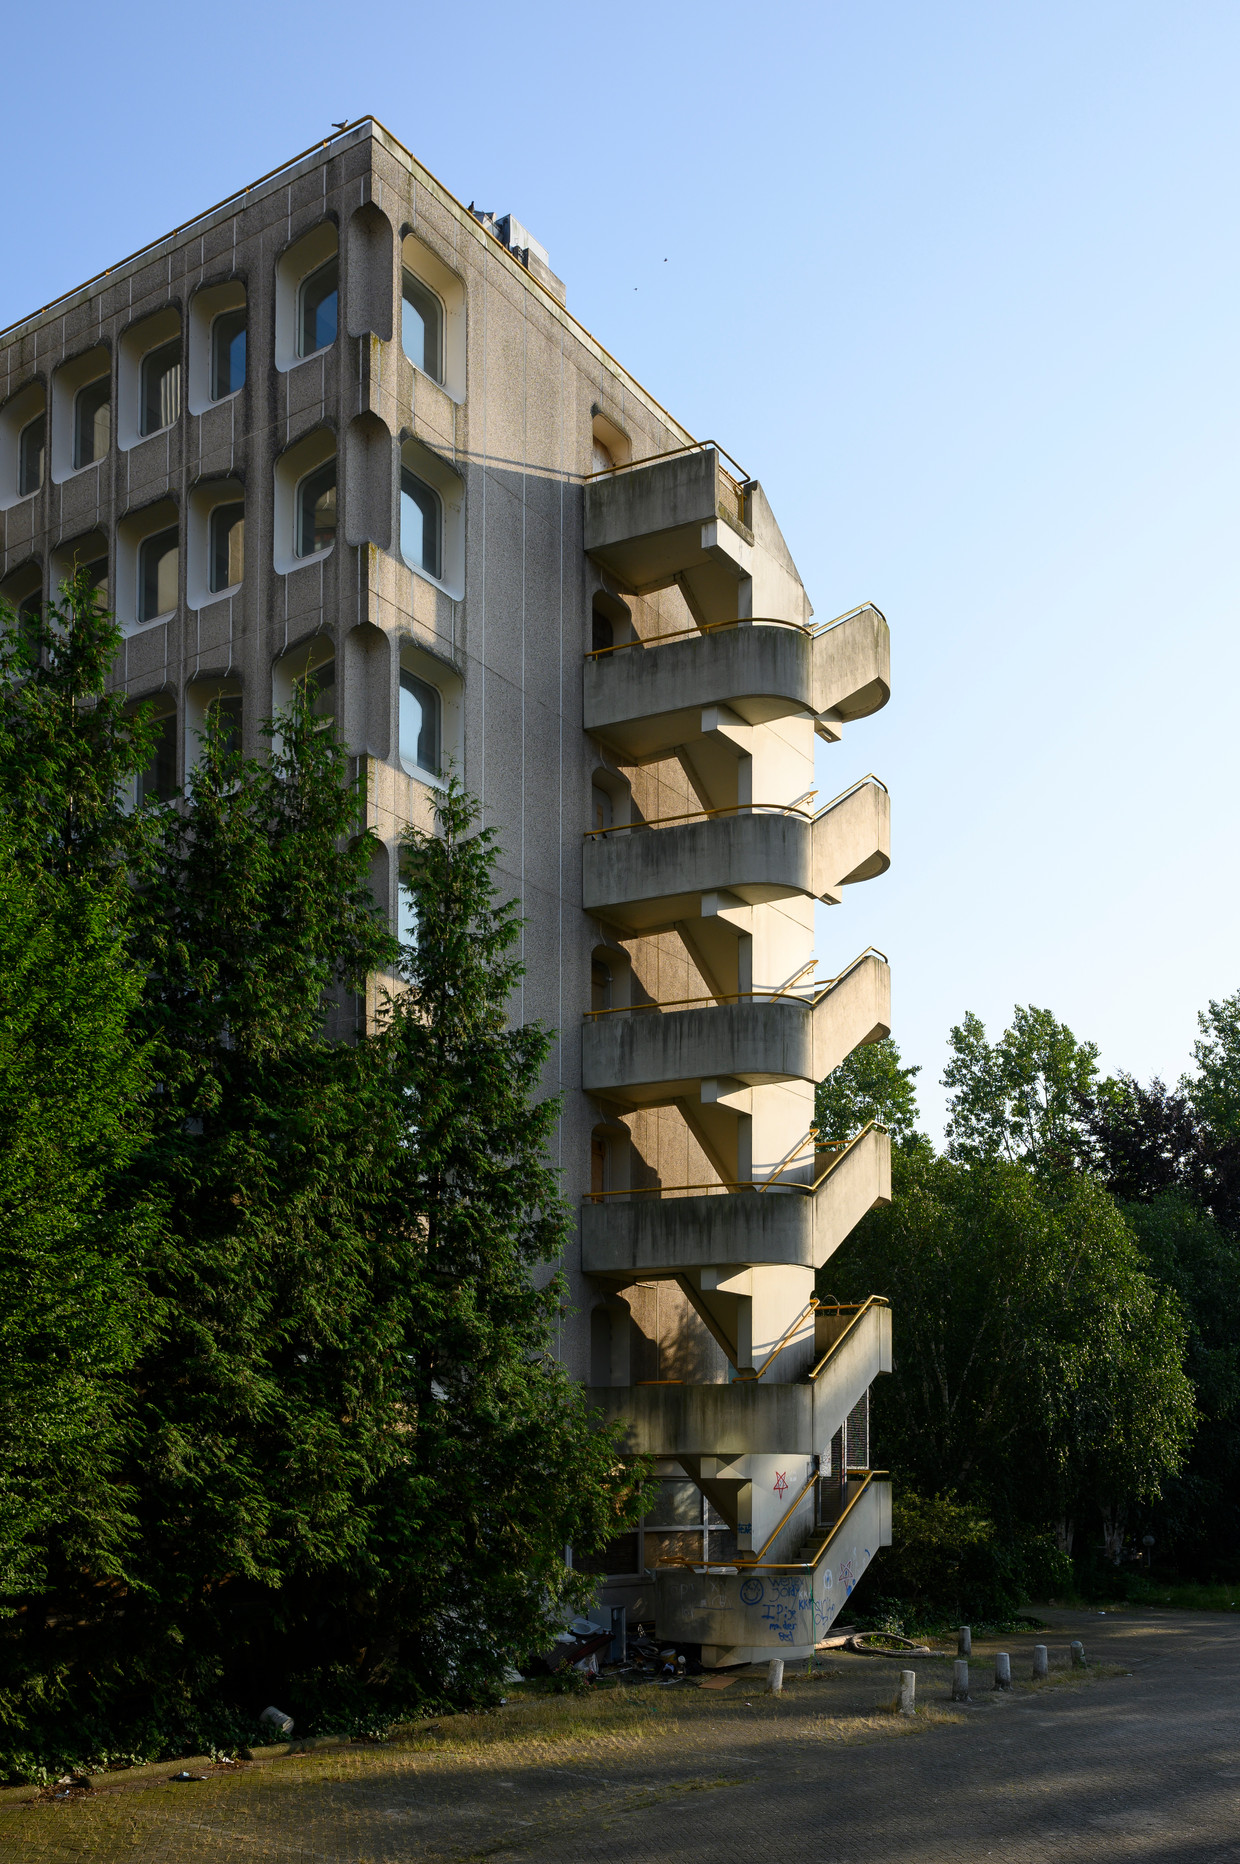 Beursgebouw Almere Beeld Tom Philip Janssen